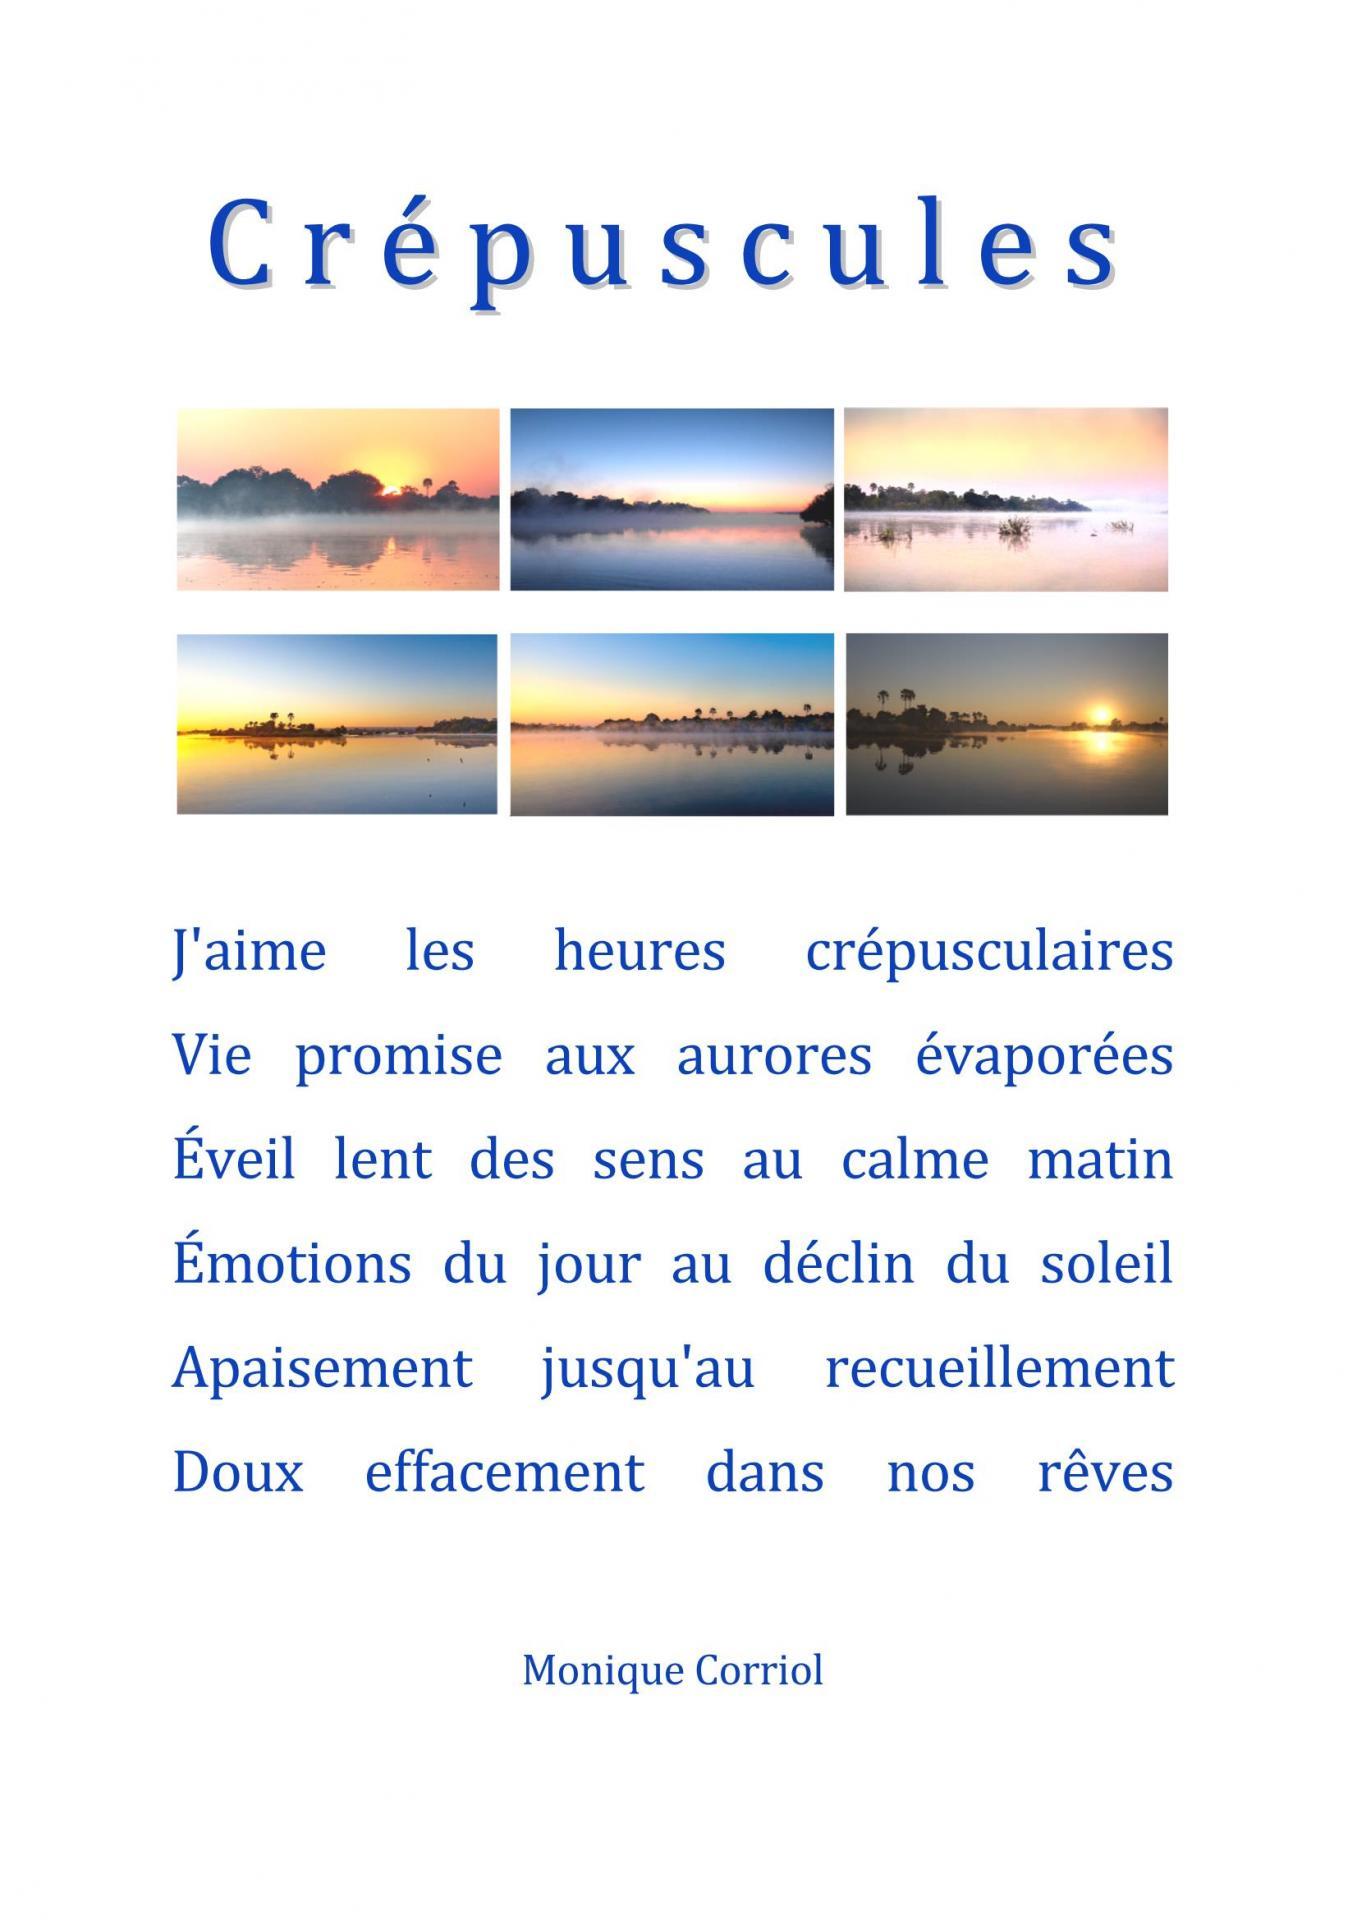 Corriol monique presentation serie crepuscules page 1